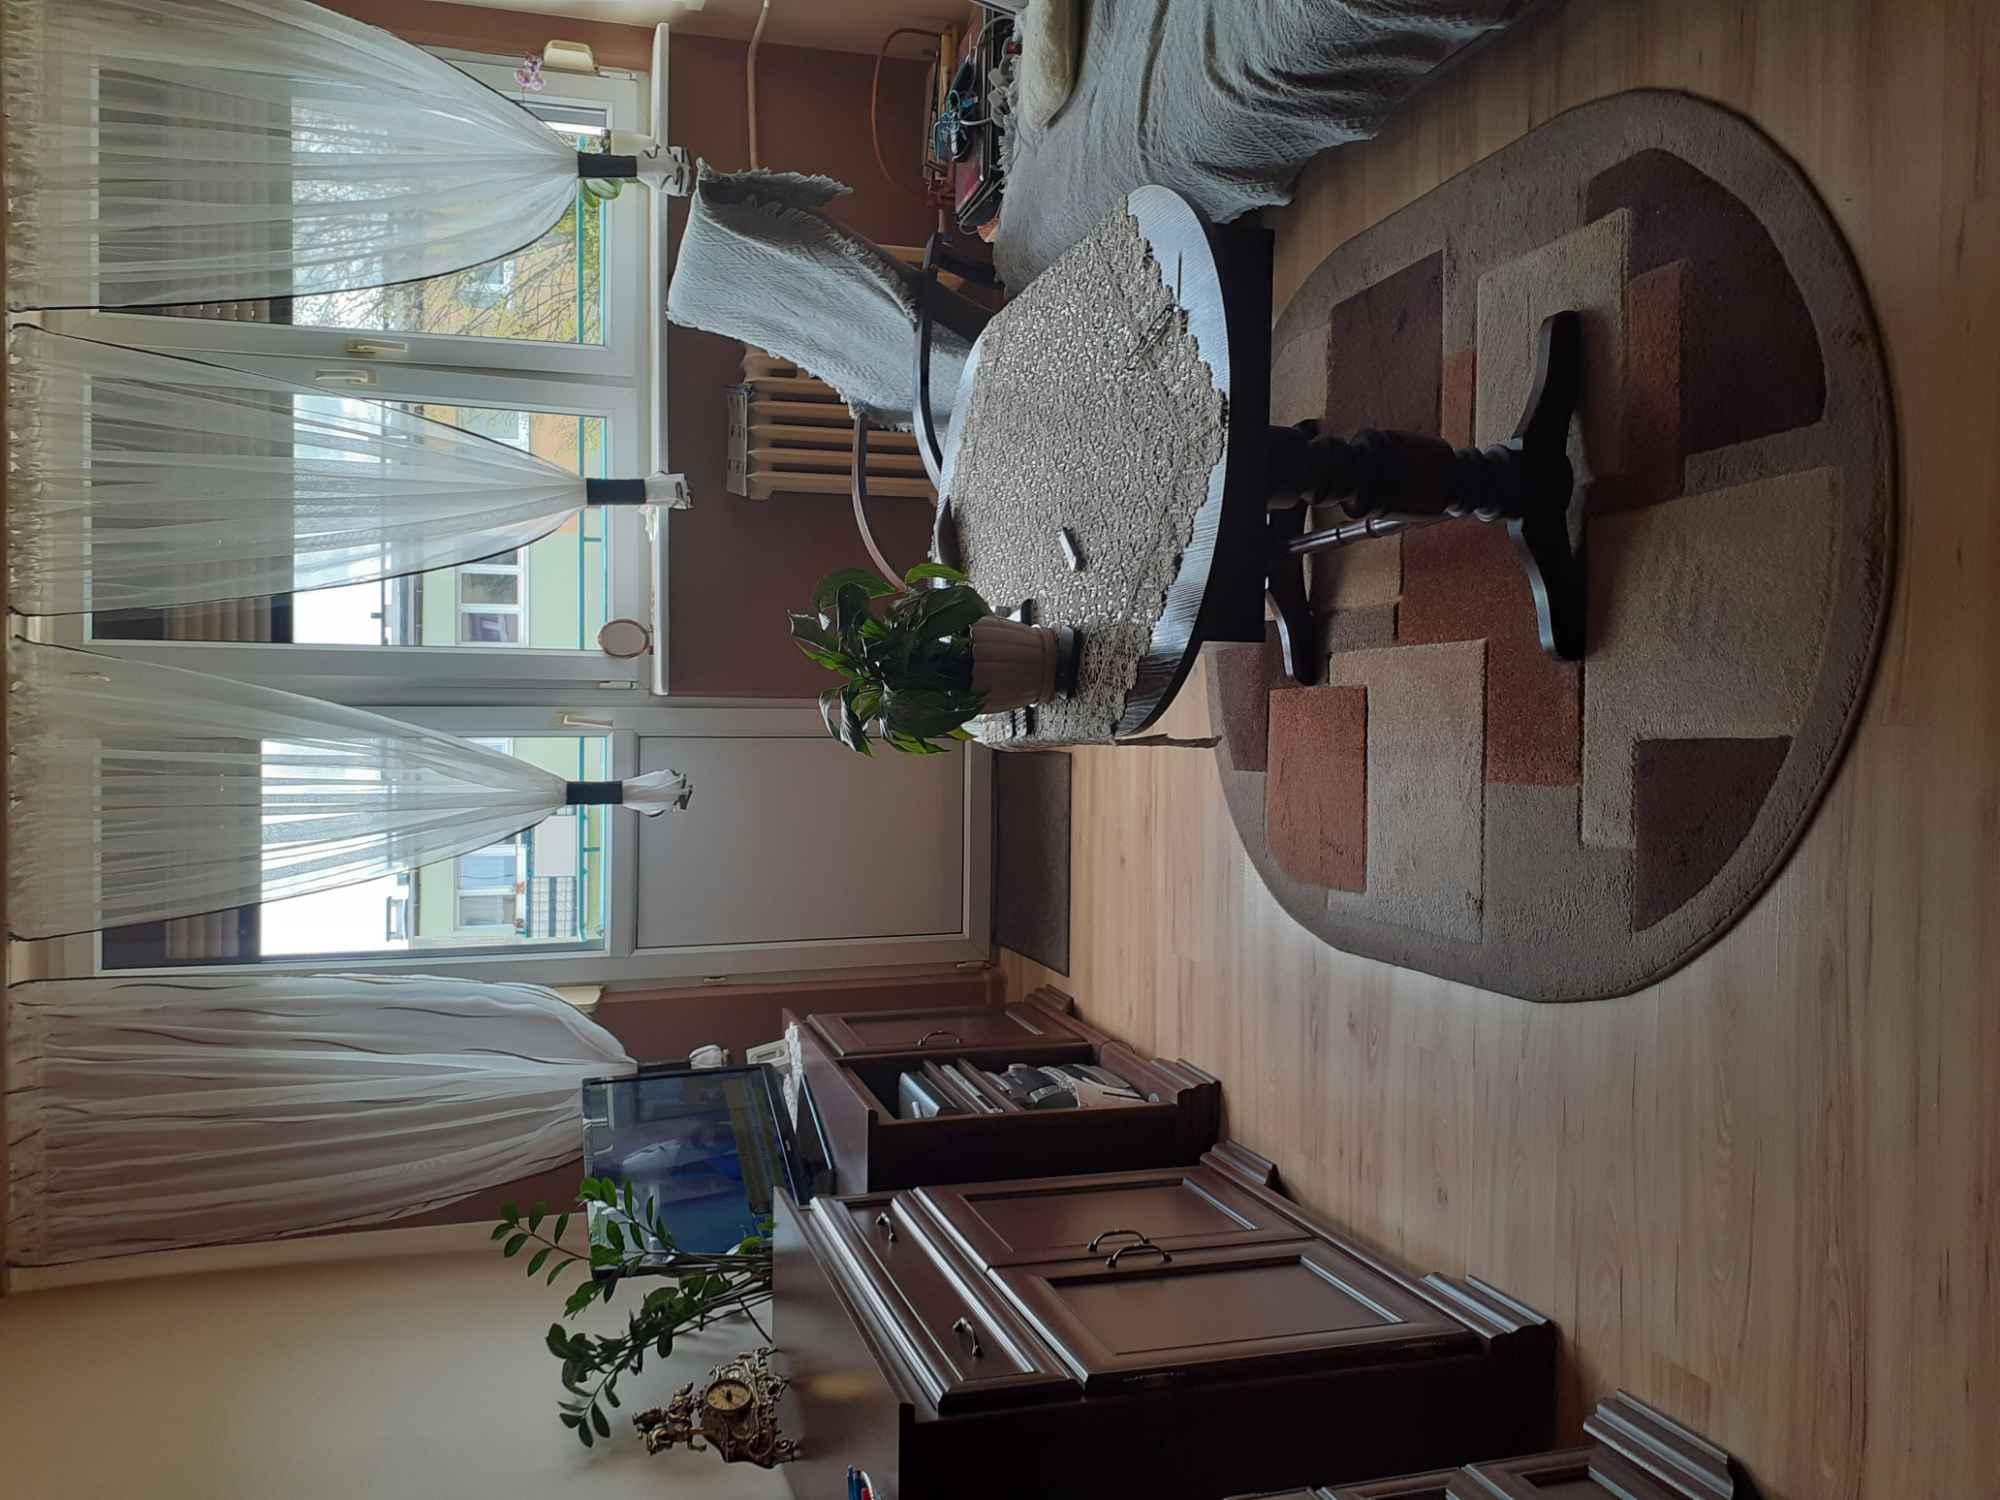 Sprzedam mieszkanie Śrem - zdjęcie 2